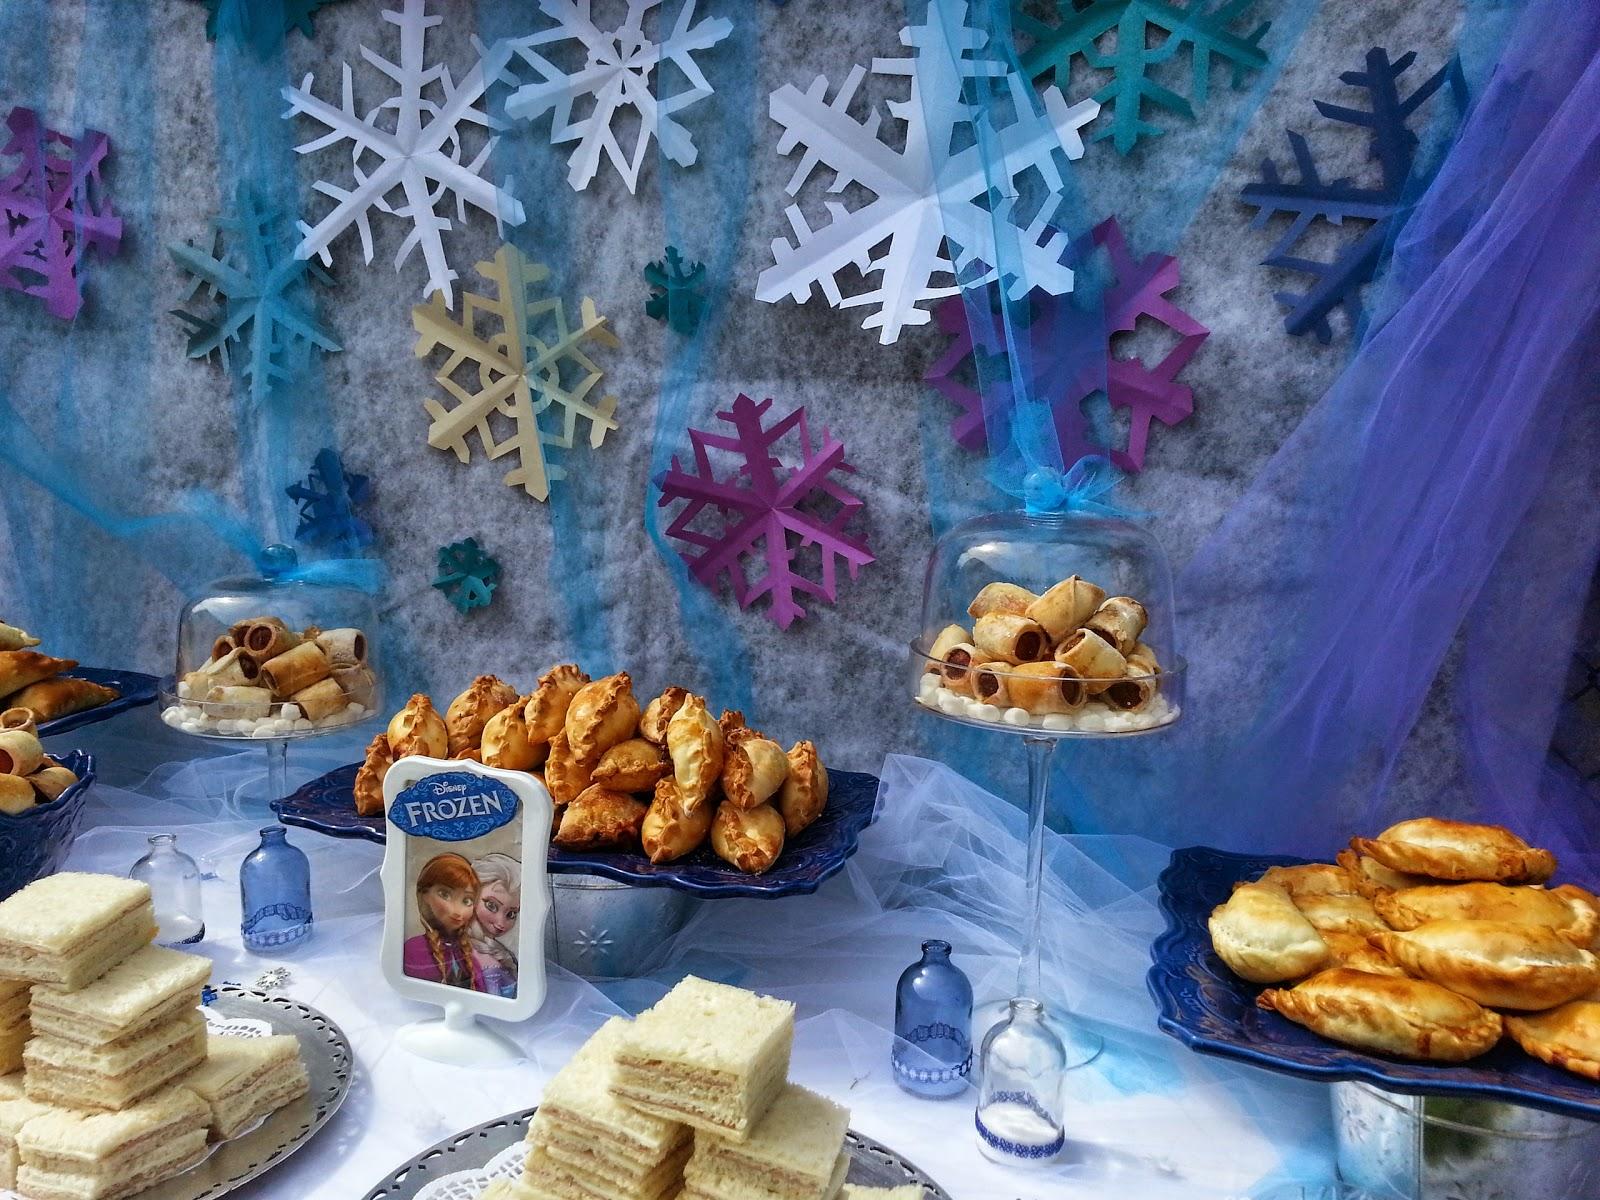 Nana S Theme Party Quot Disney S Frozen Themed Party Quot Salad